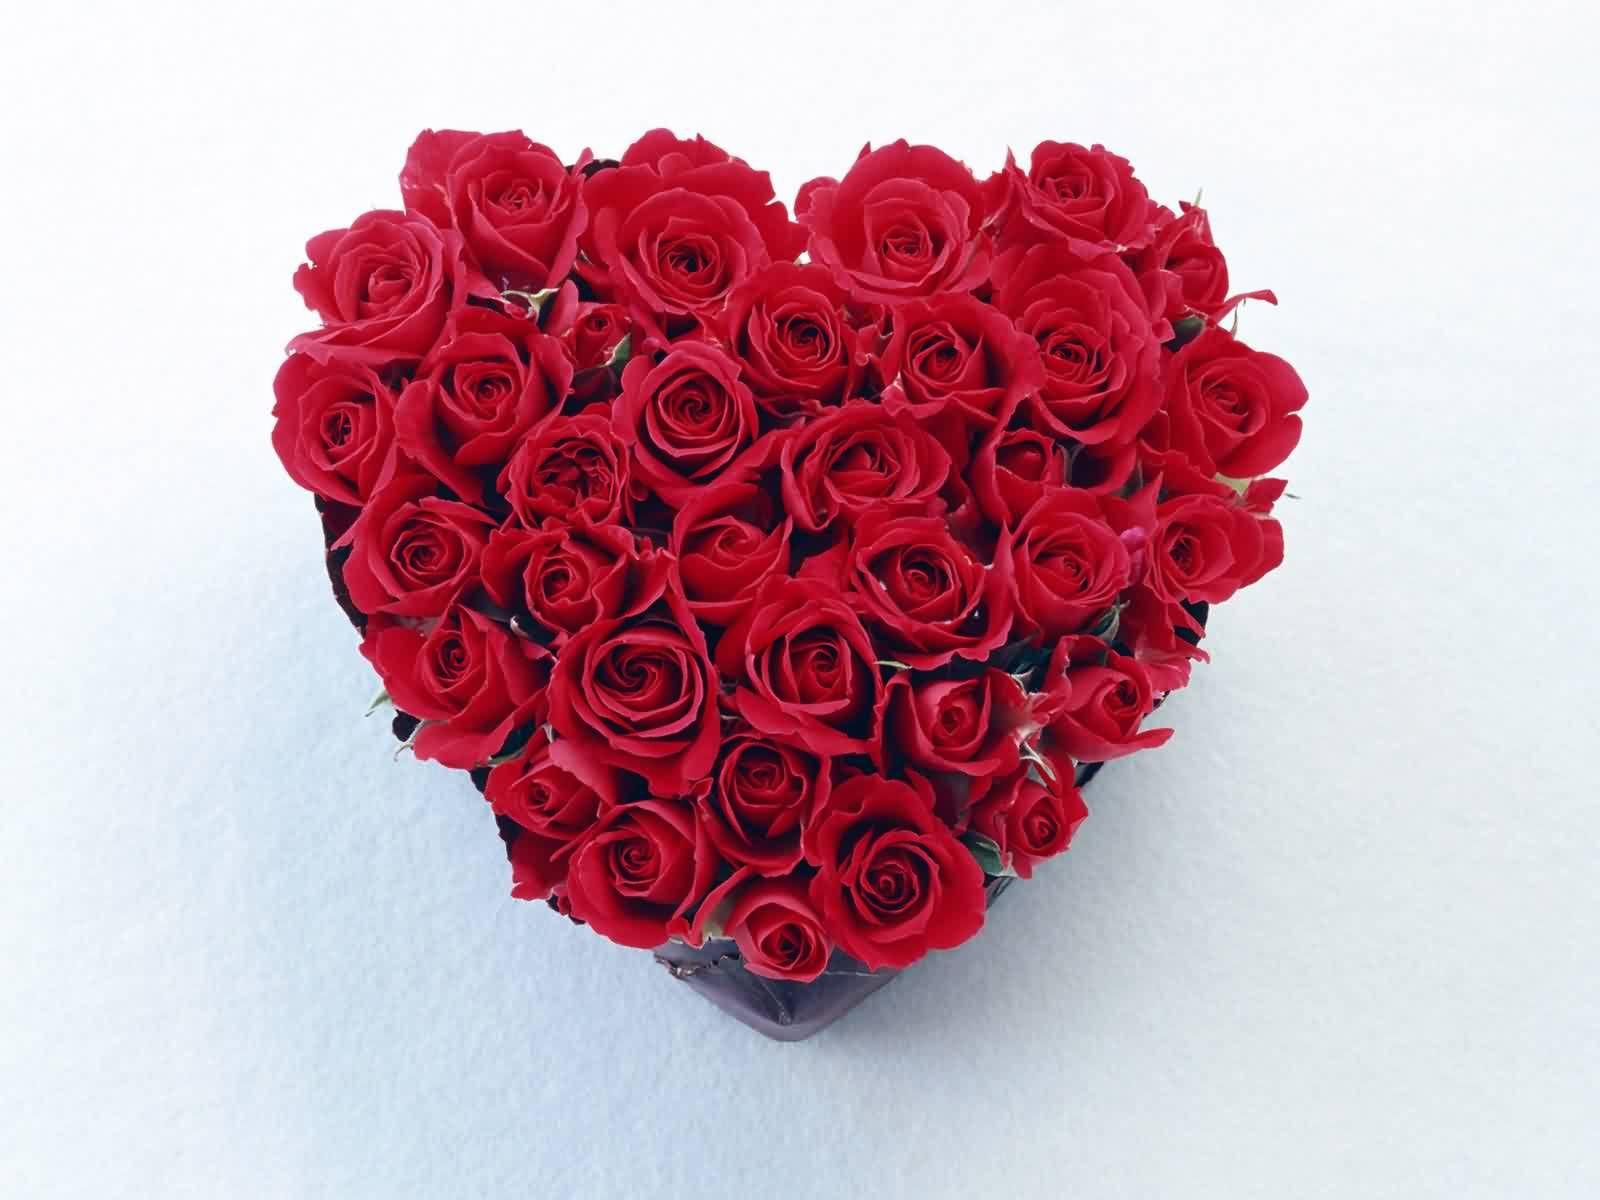 Wallpaper of roses and hearts wallpapersafari - Cannon bullock wallpaper ...